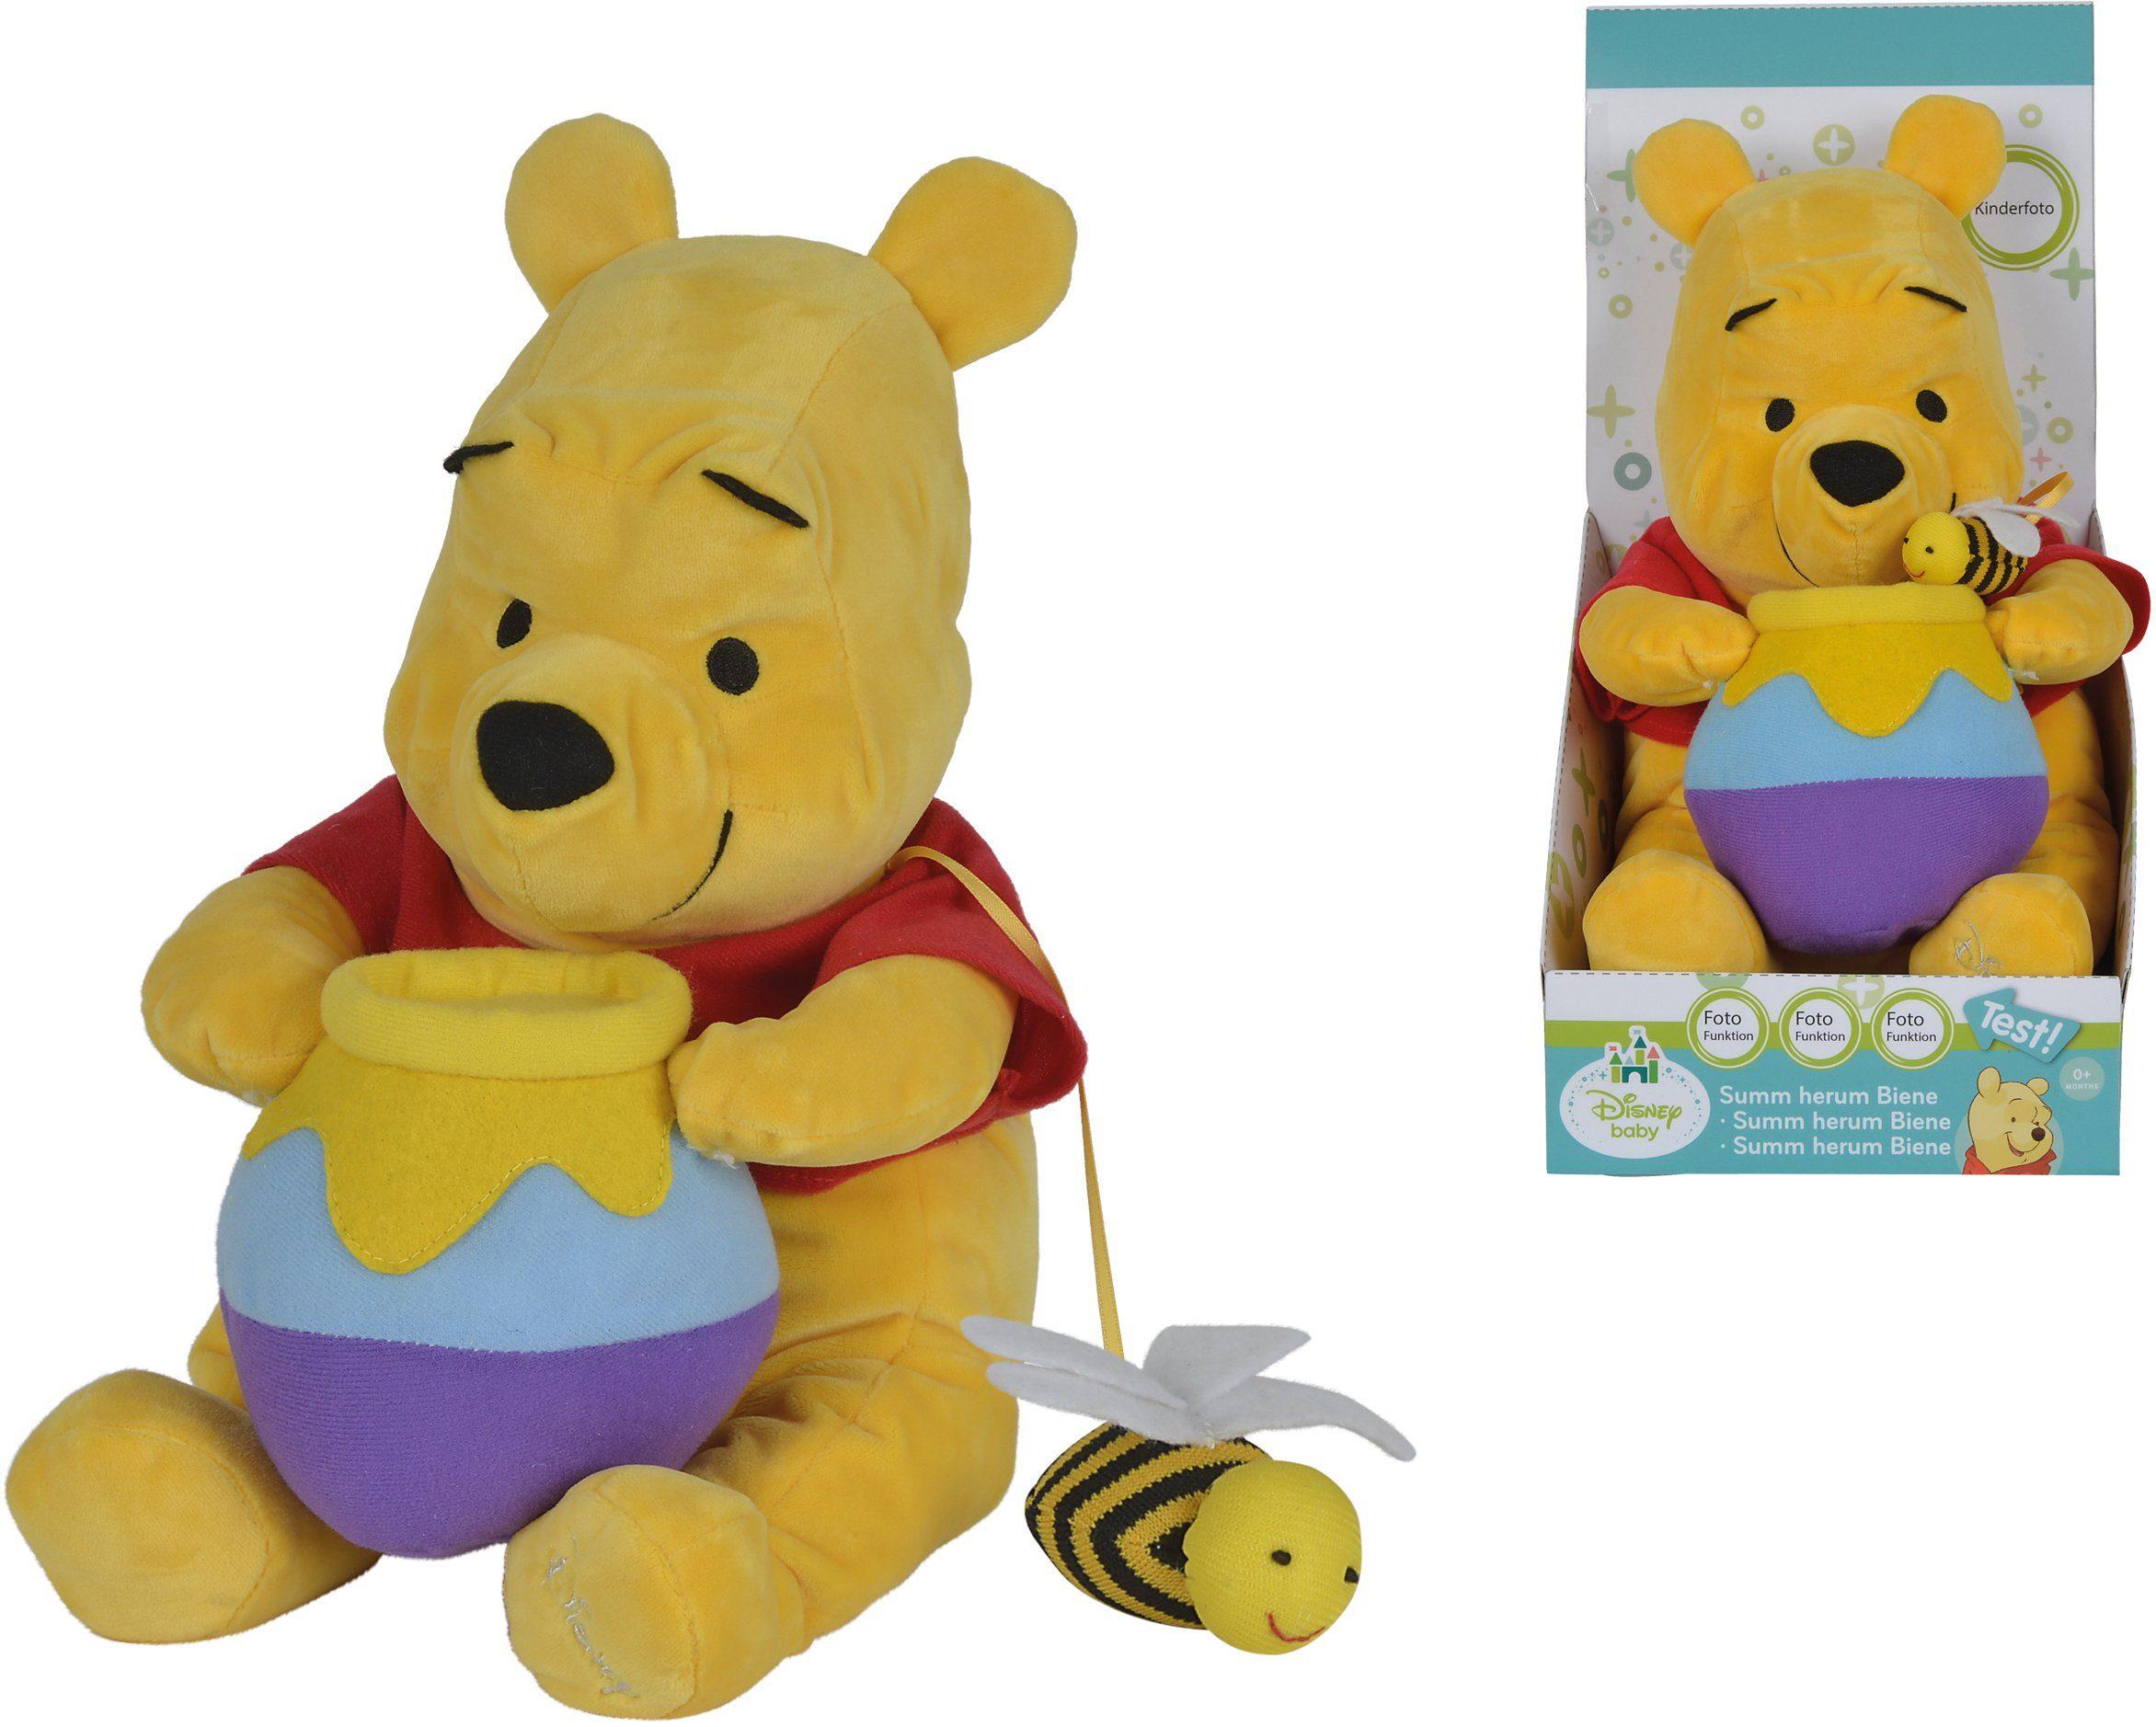 Simba Kuscheltier Bär mit Funktion ca. 27 cm, »Disney Winnie The Pooh, Summ herum Biene«